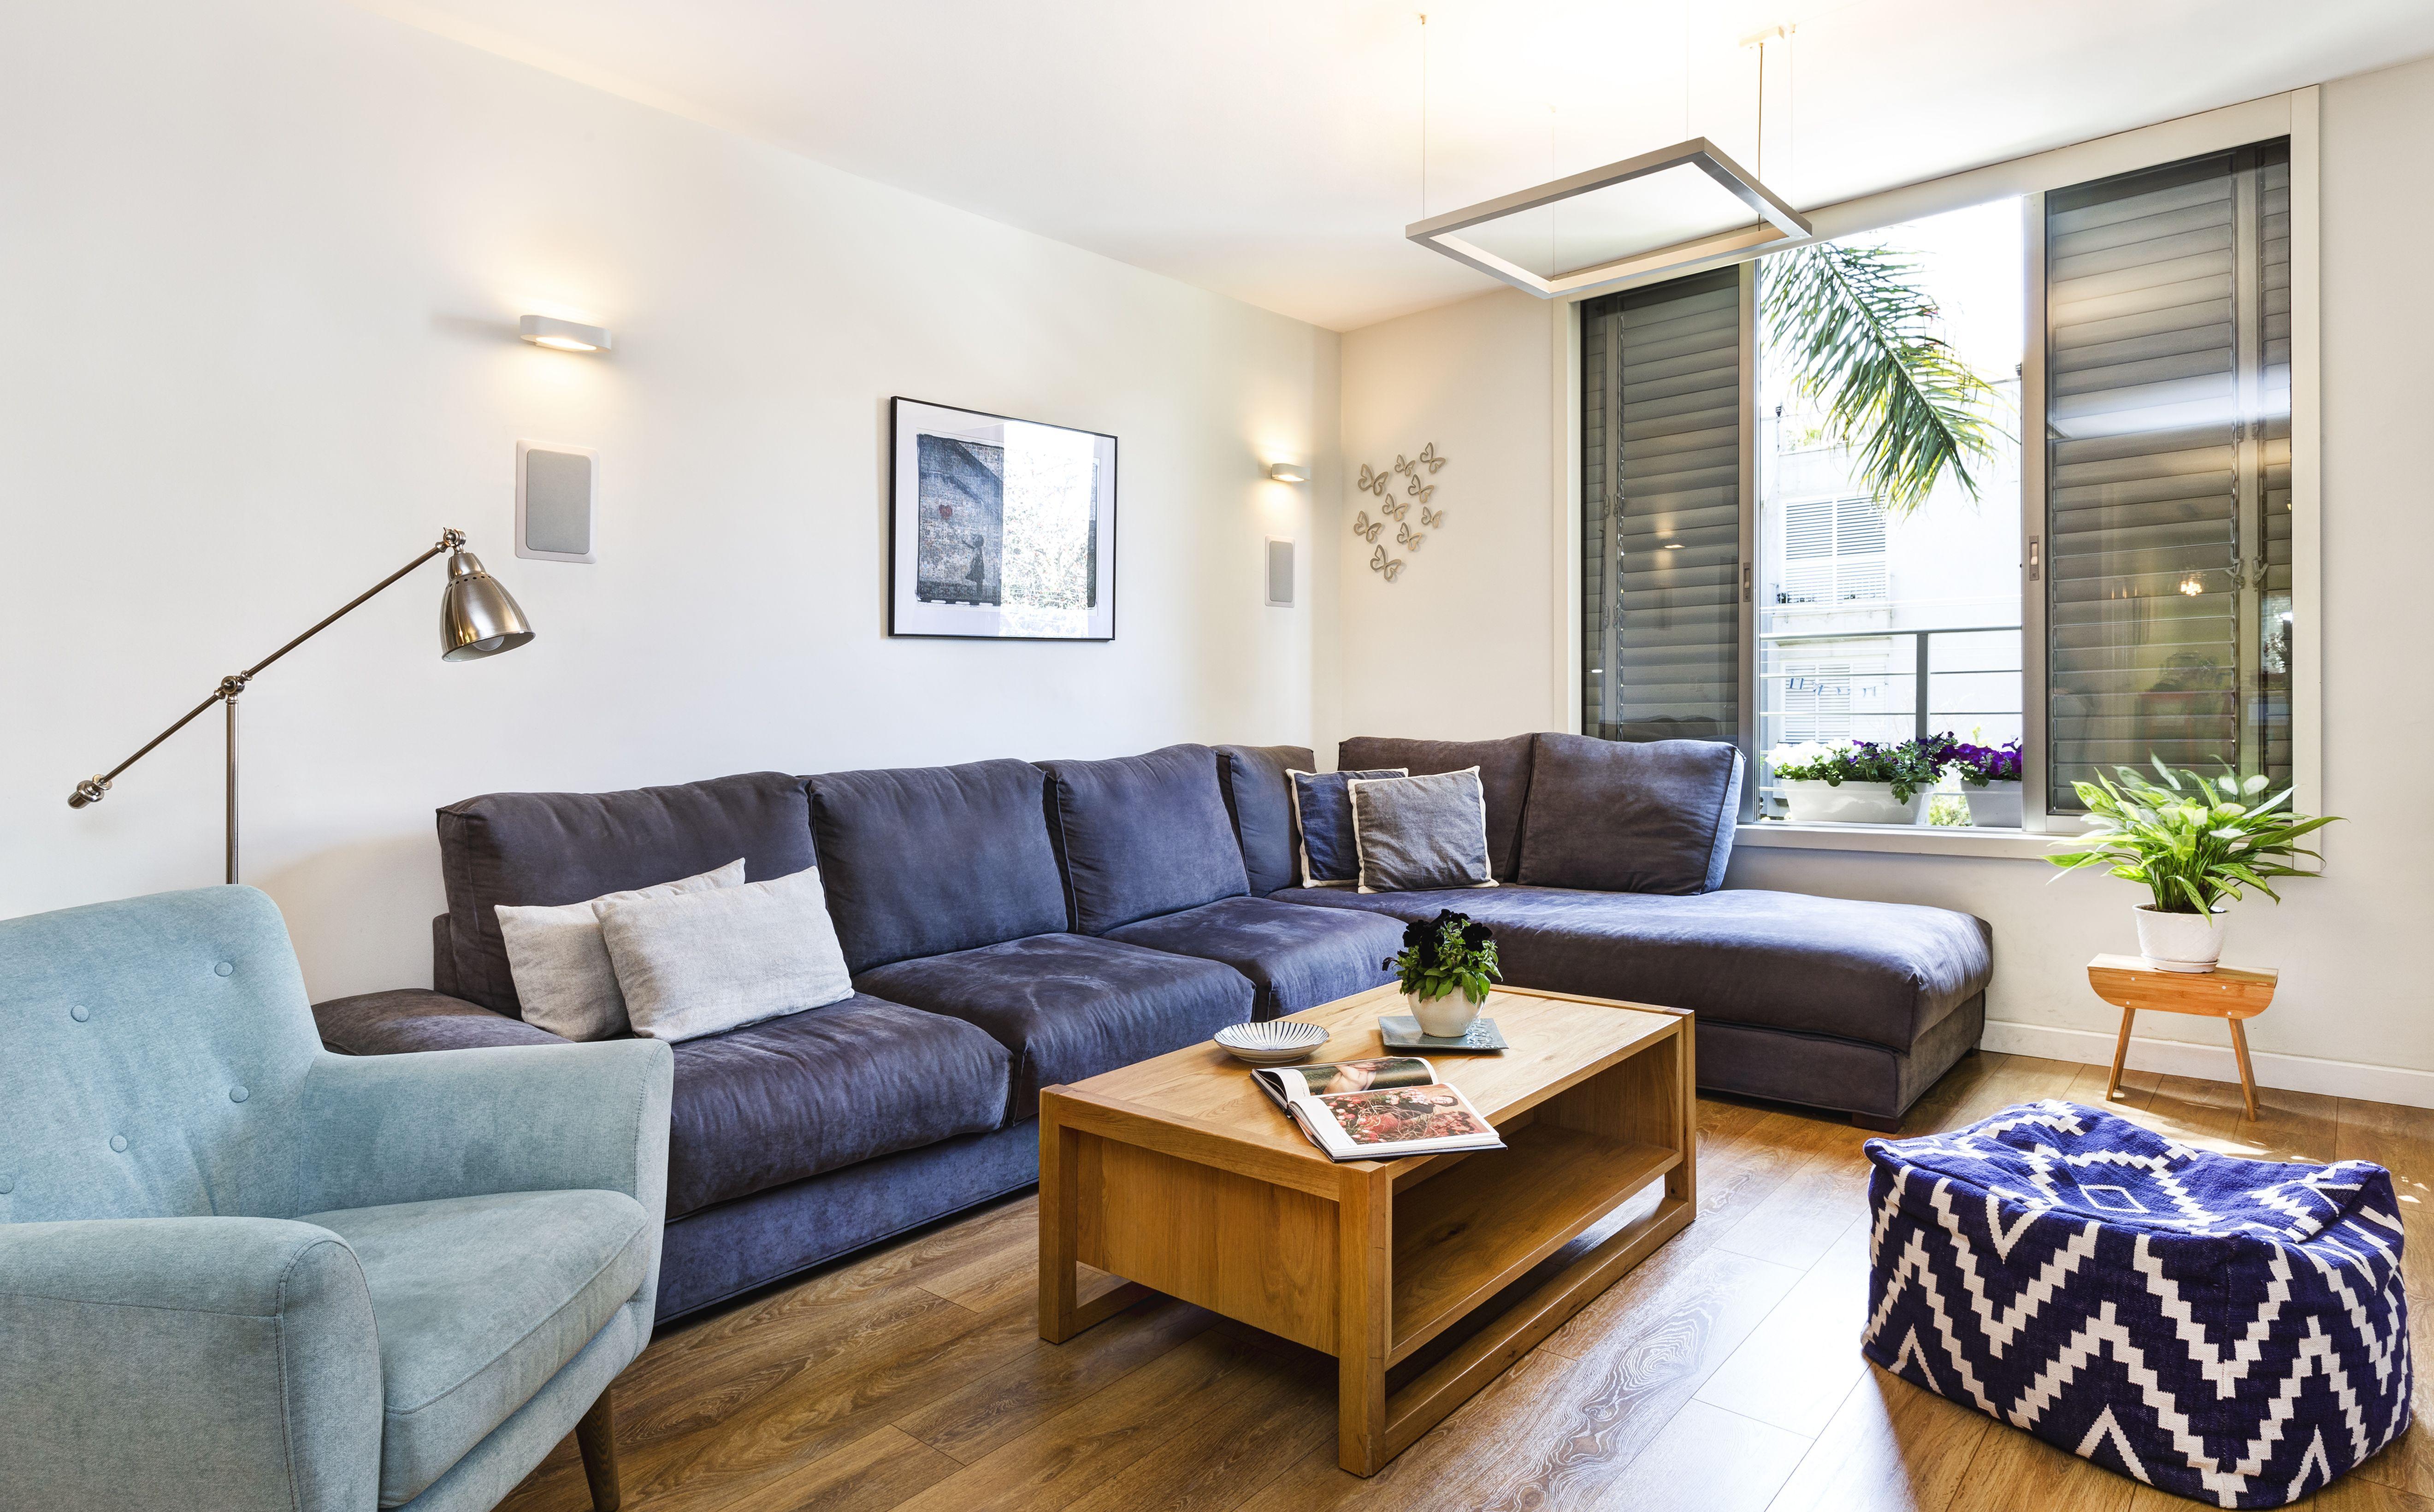 Modern Living Room Design In Tlv/blue /designed By Avital Taran Cohen. Photo